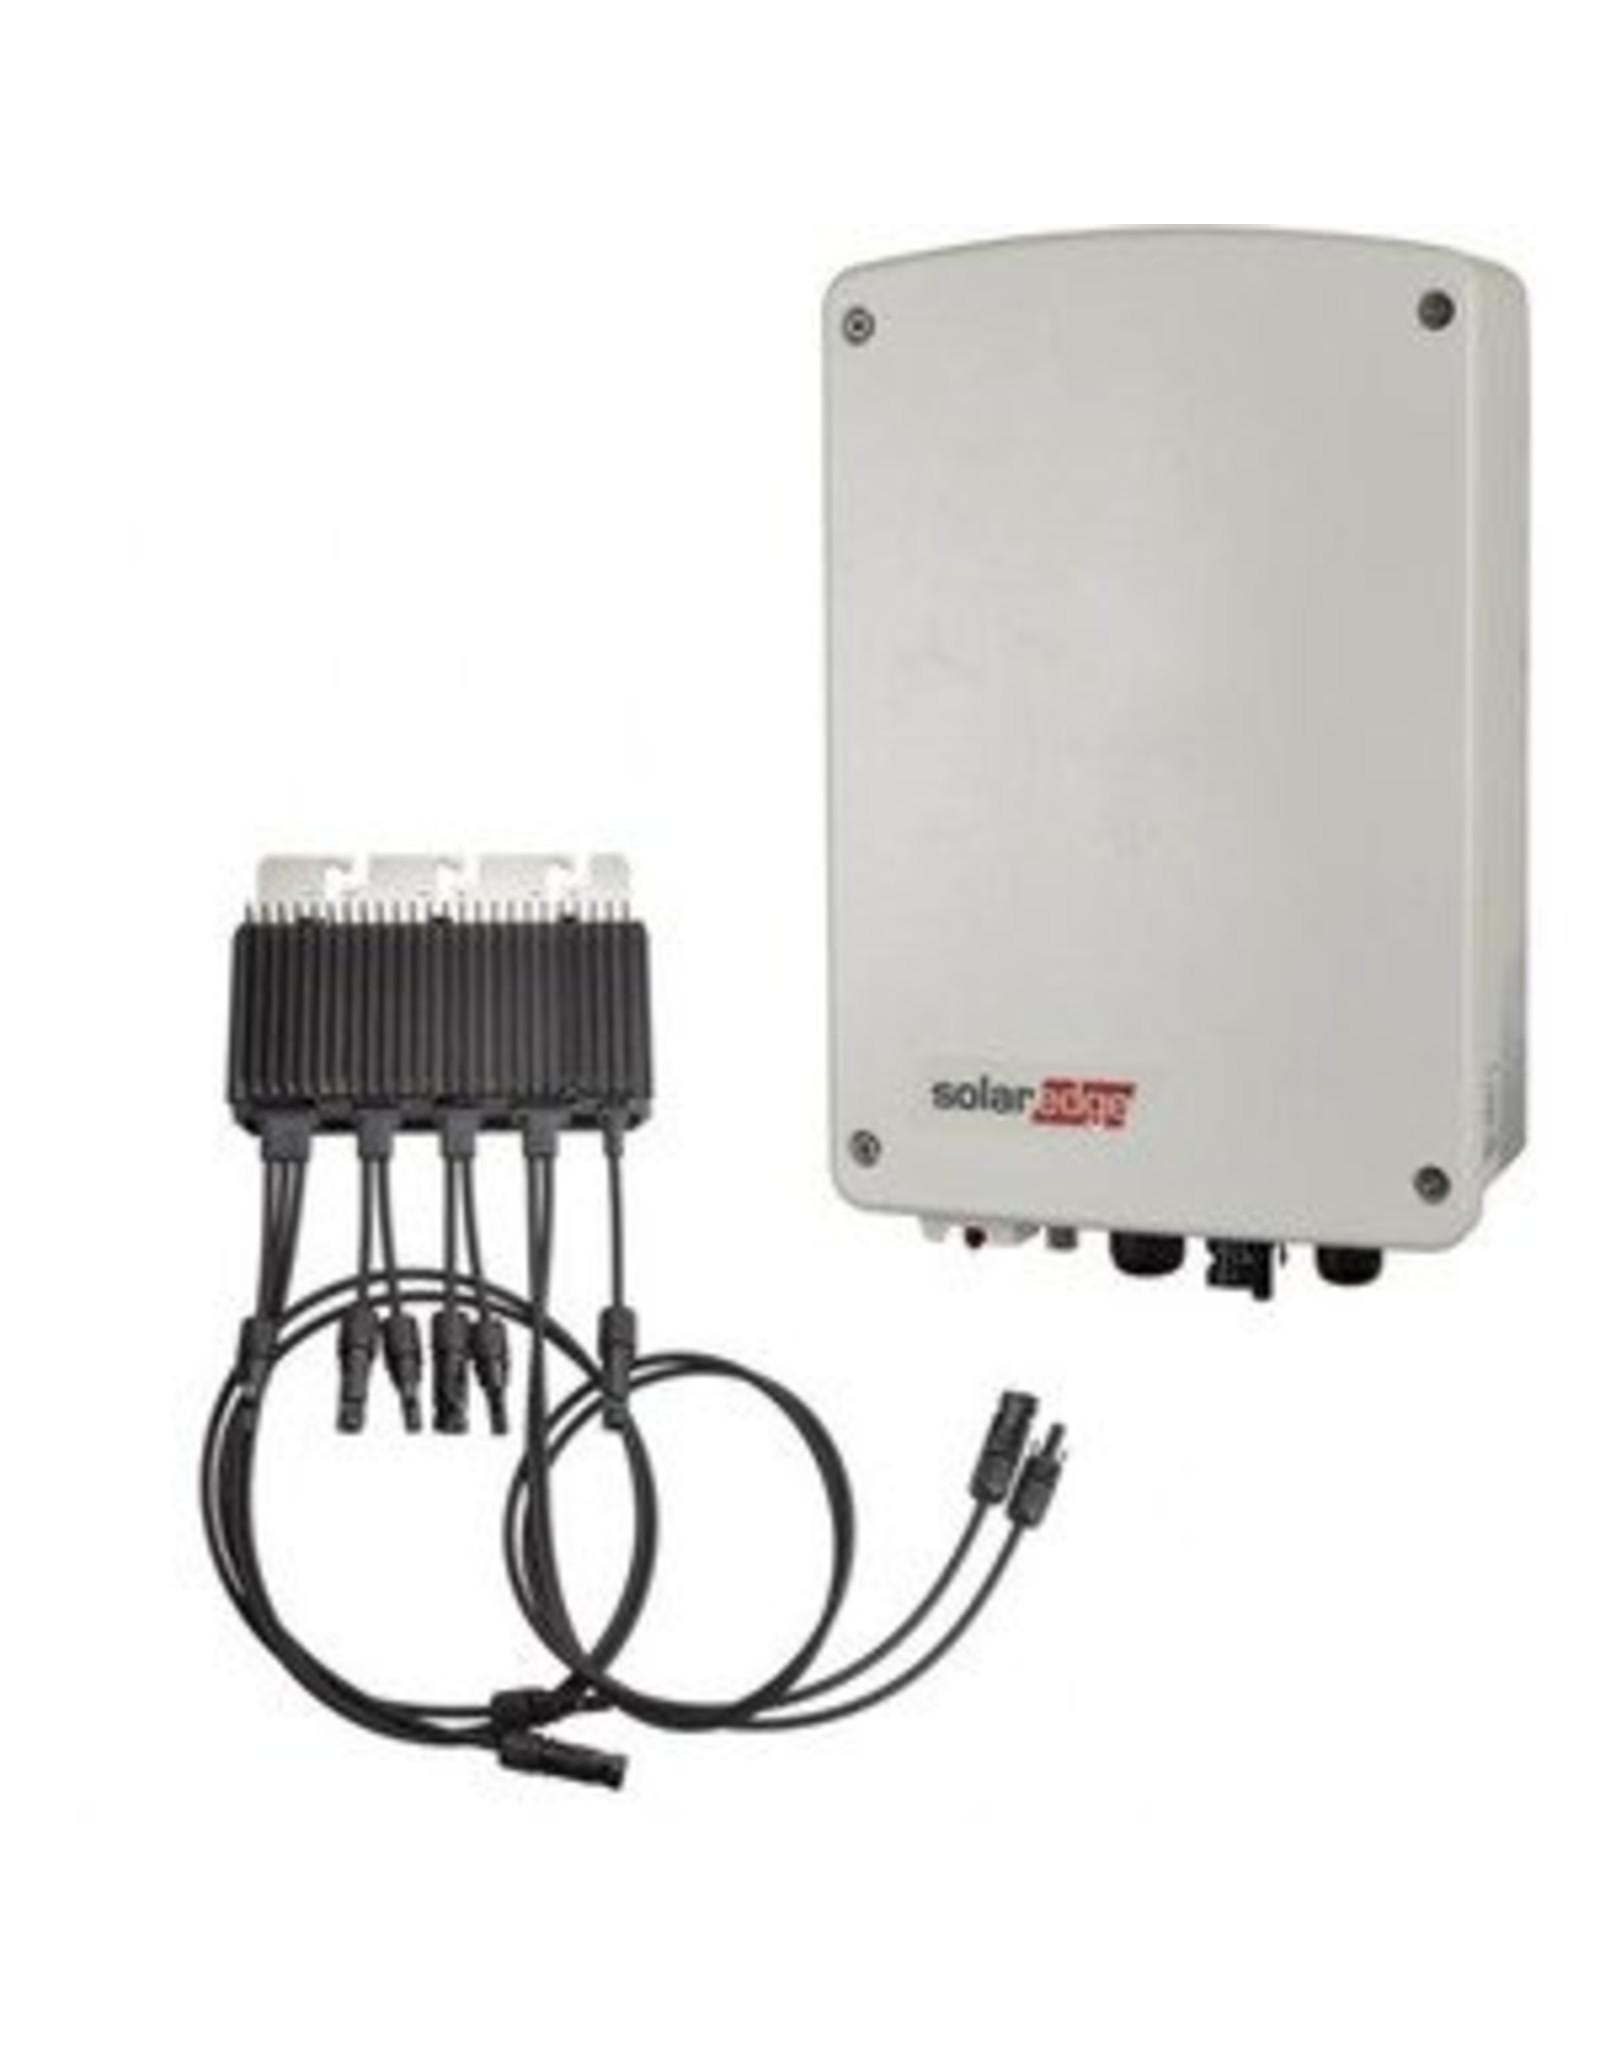 SolarEdge SolarEdge SE2000M enkelfase omvormer 2.0 kW met M2640 optimizer, basic / extended